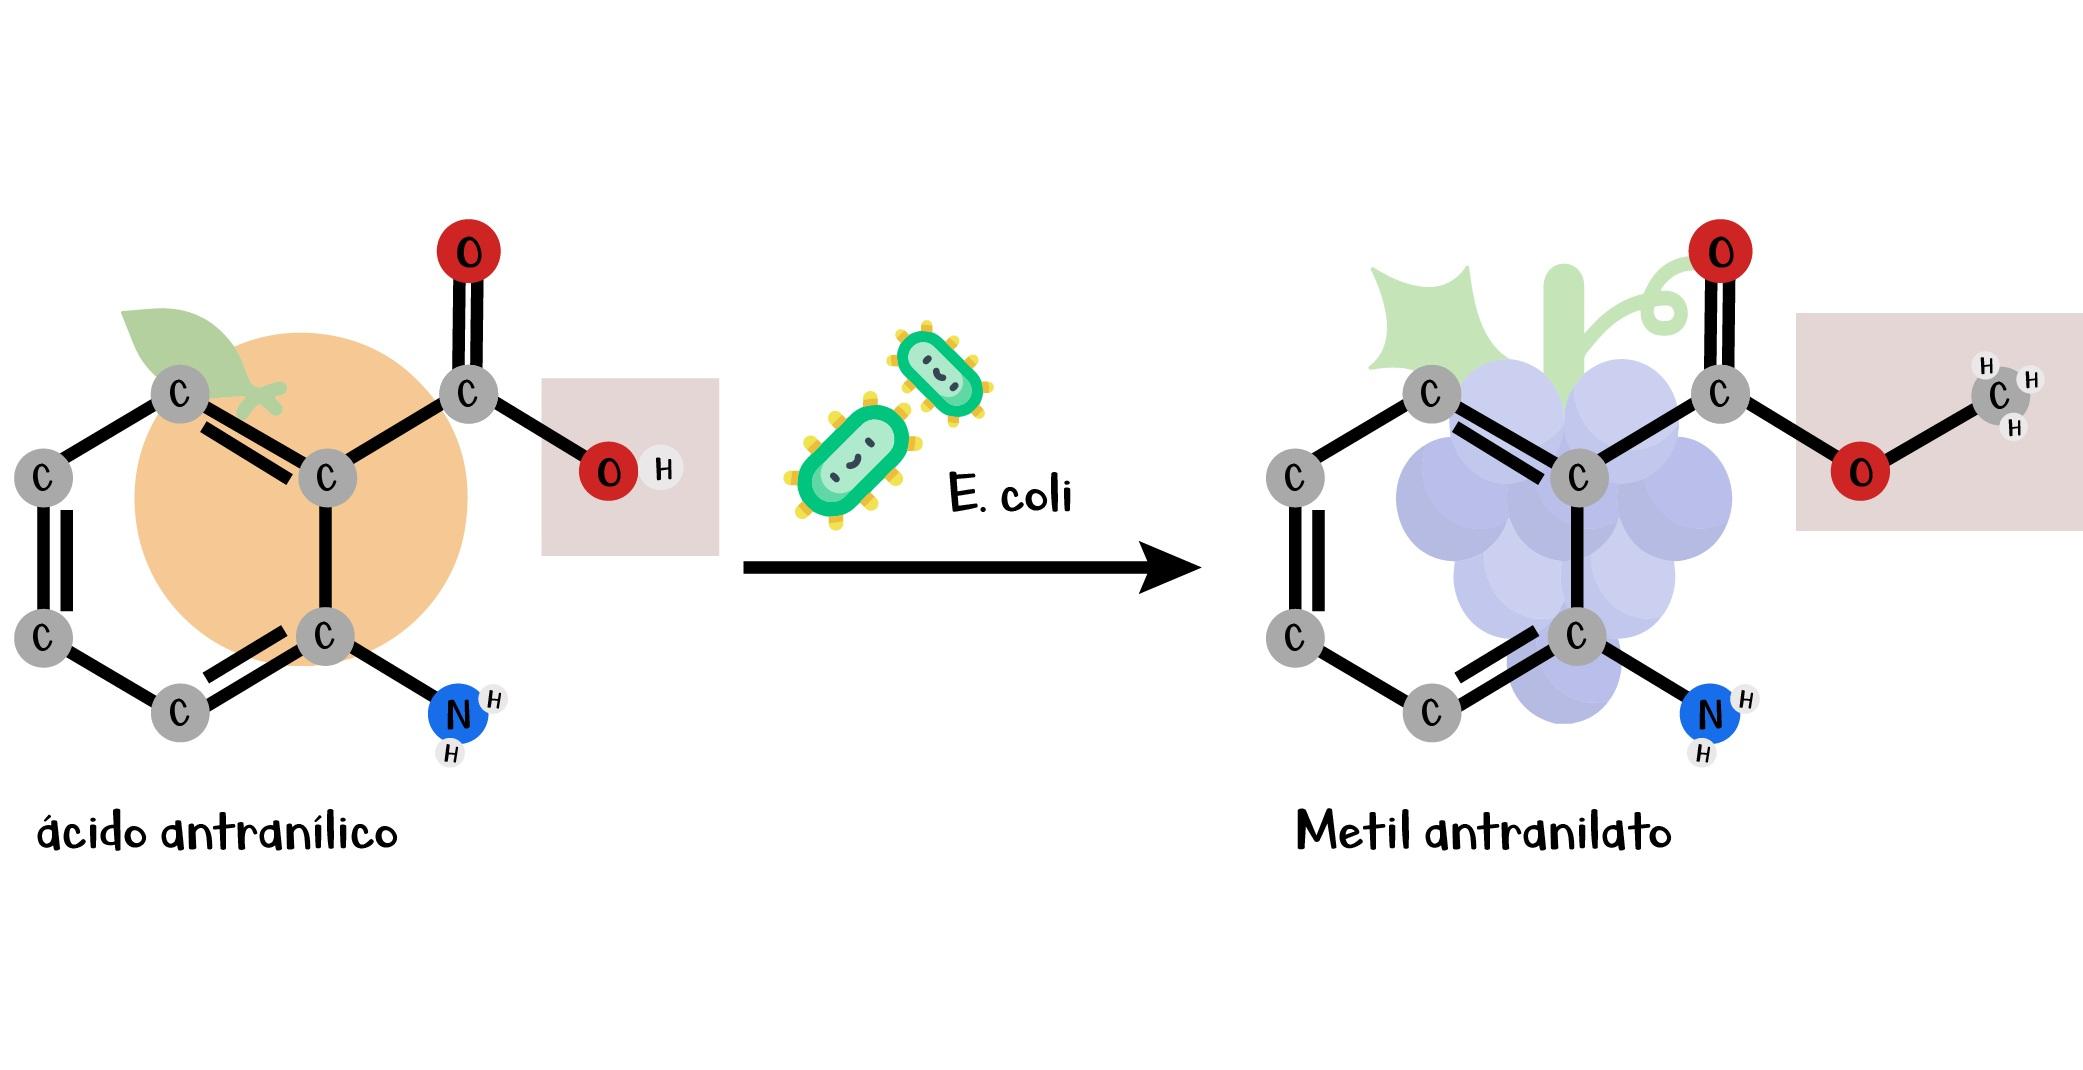 Transformación en  E. coli  de ácido antranílico (sabor a naranja) y metil antranilato (Sabor a Uva)